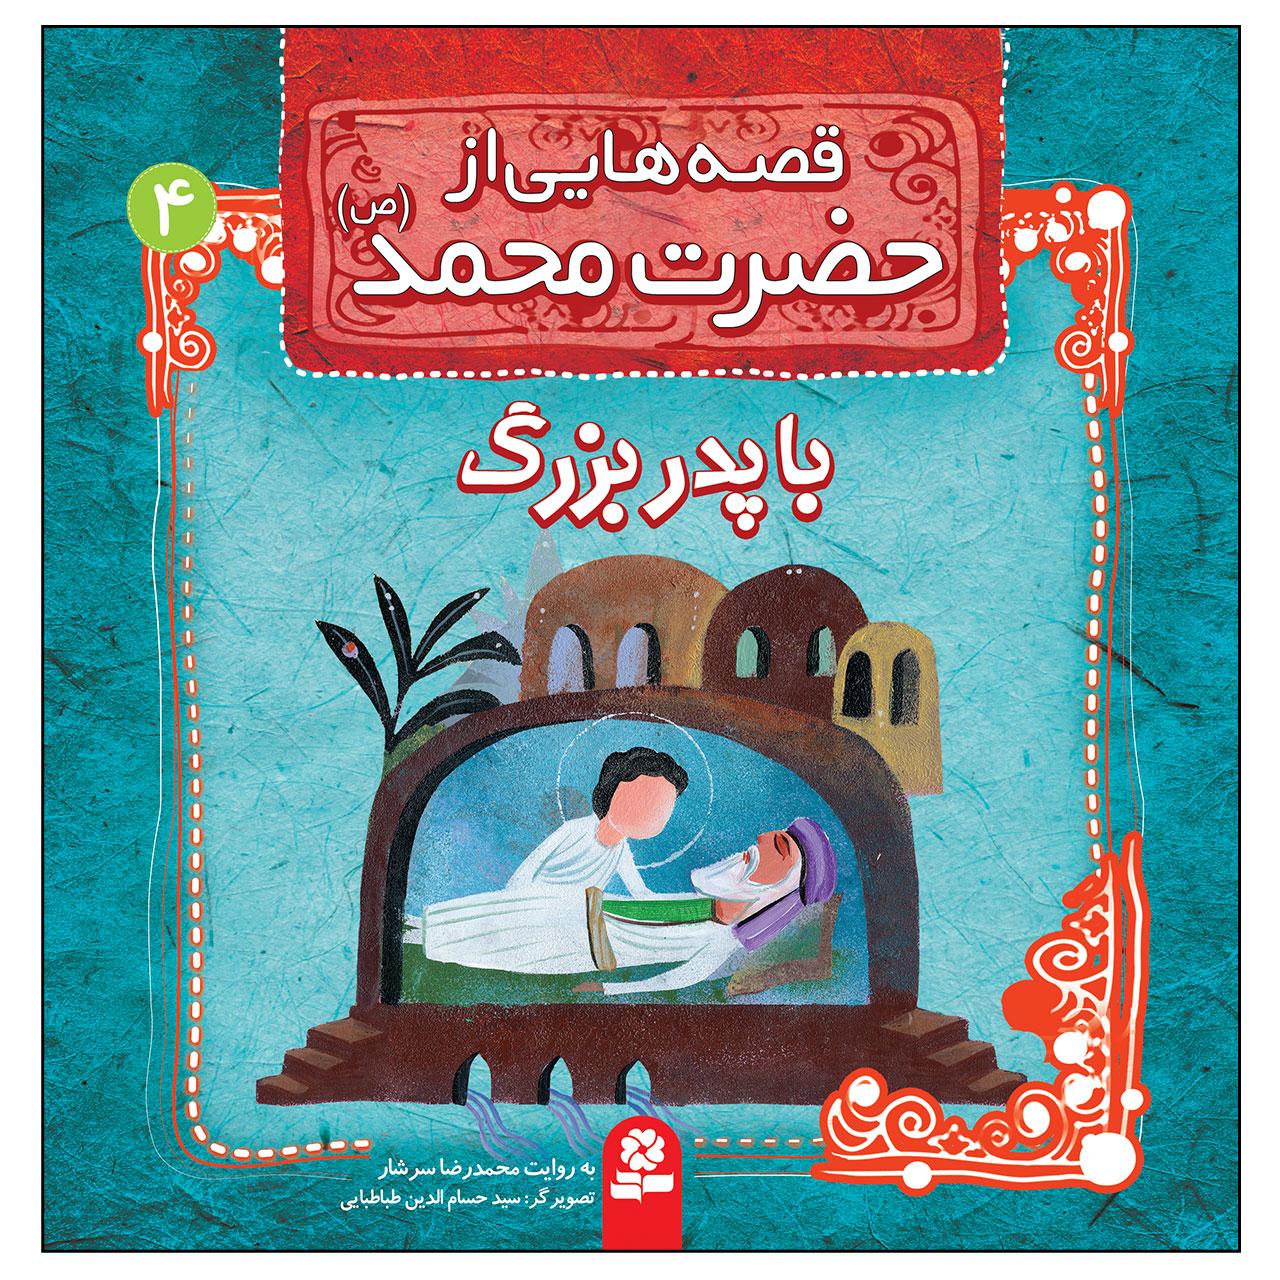 خرید                      کتاب قصه هایی از حضرت محمد (ص) 4 با پدر بزرگ اثر محمد رضا سرشار انتشارات قدیانی